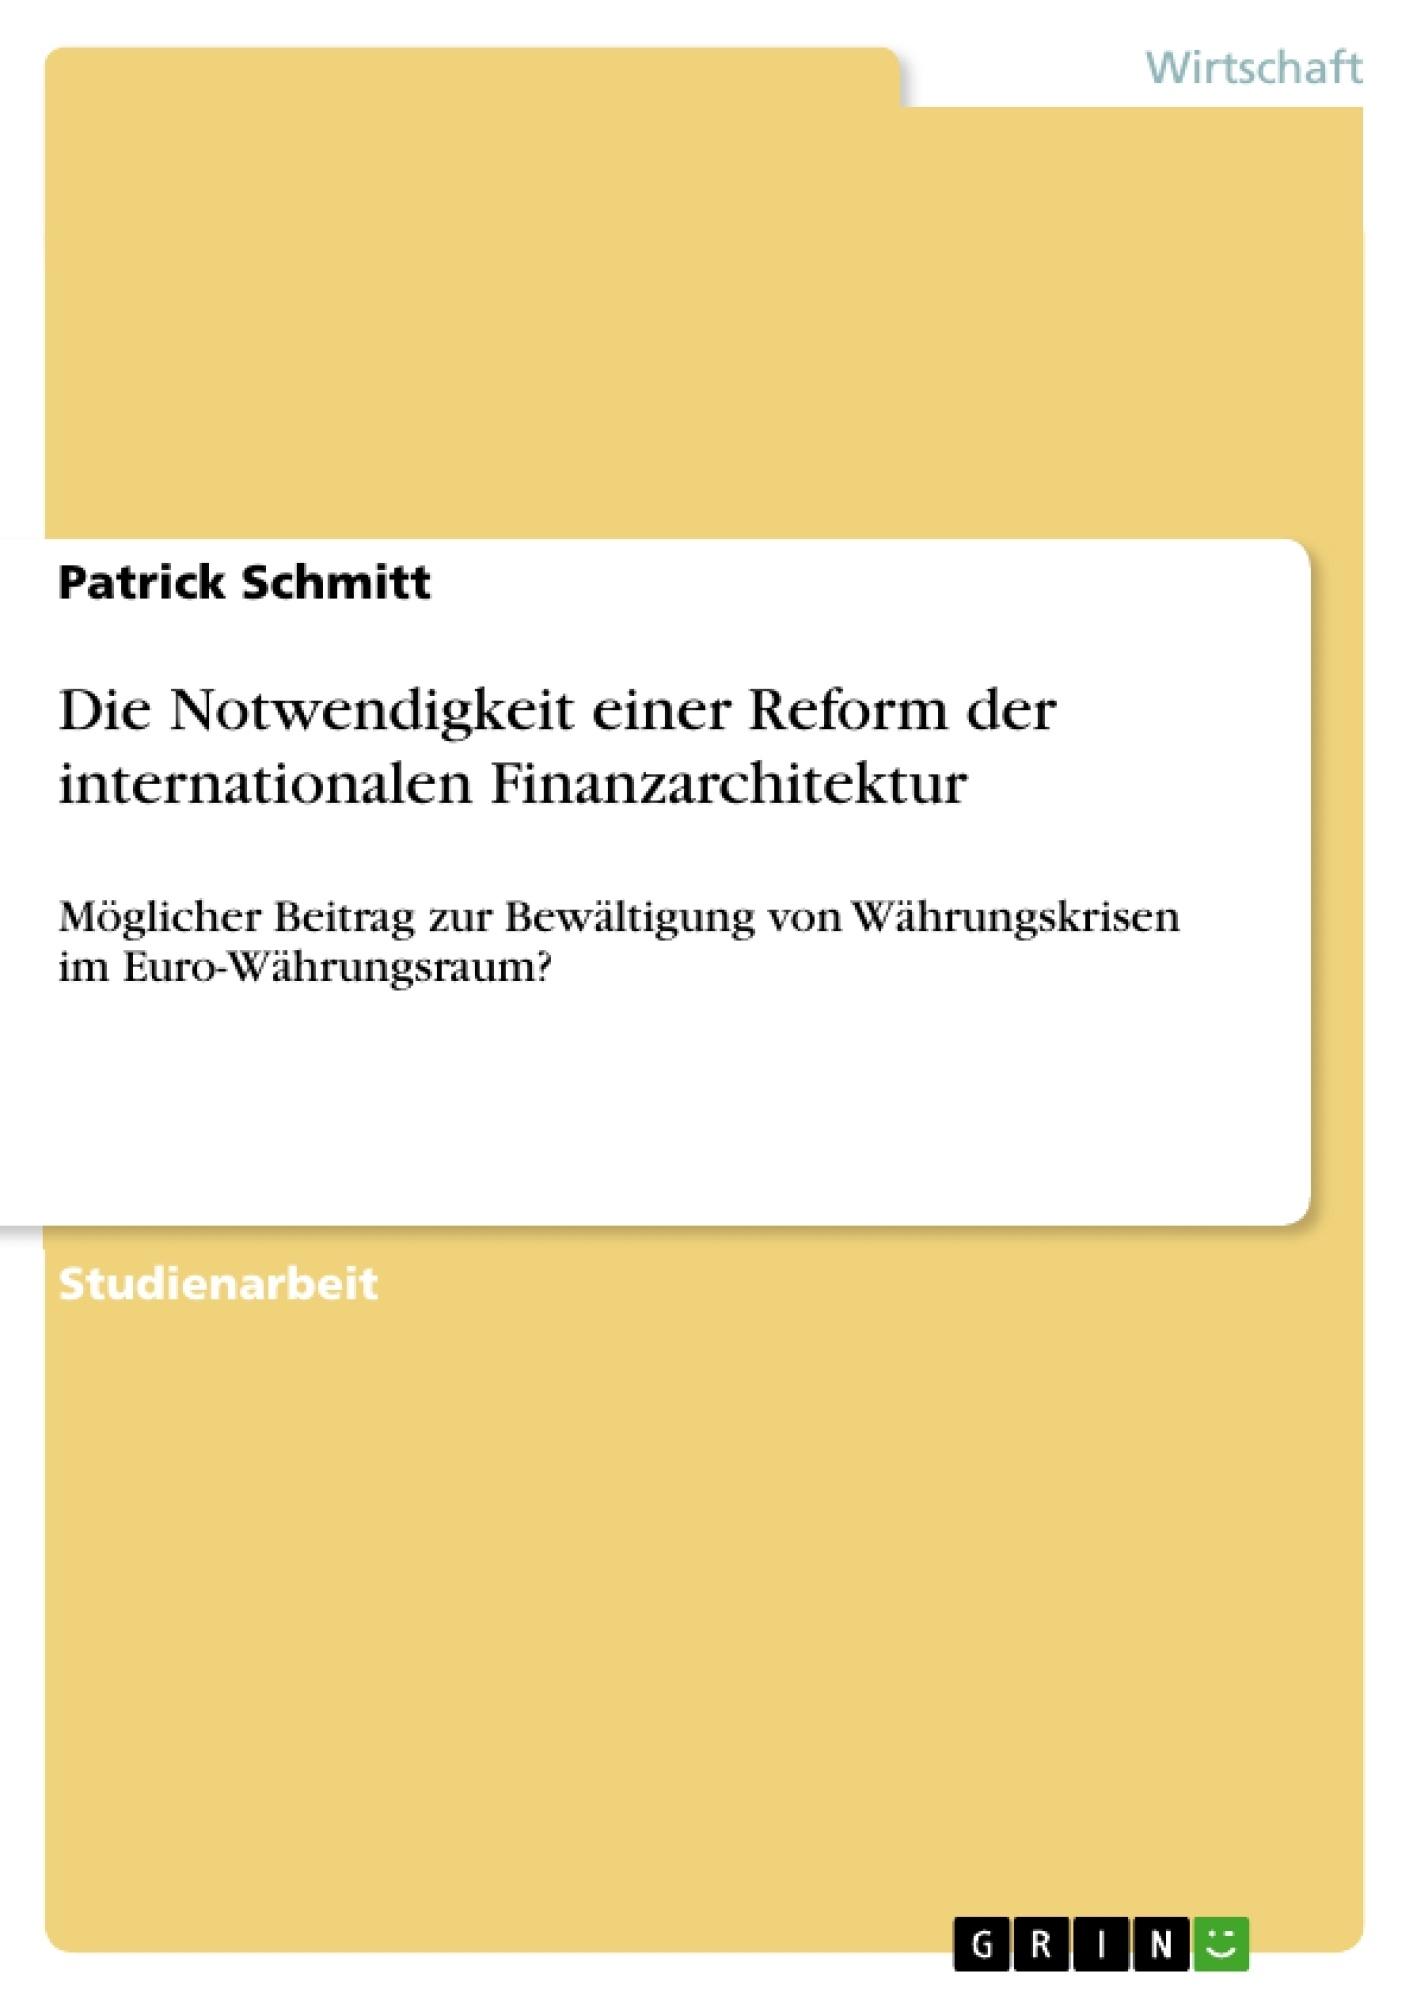 Titel: Die Notwendigkeit einer Reform der internationalen Finanzarchitektur